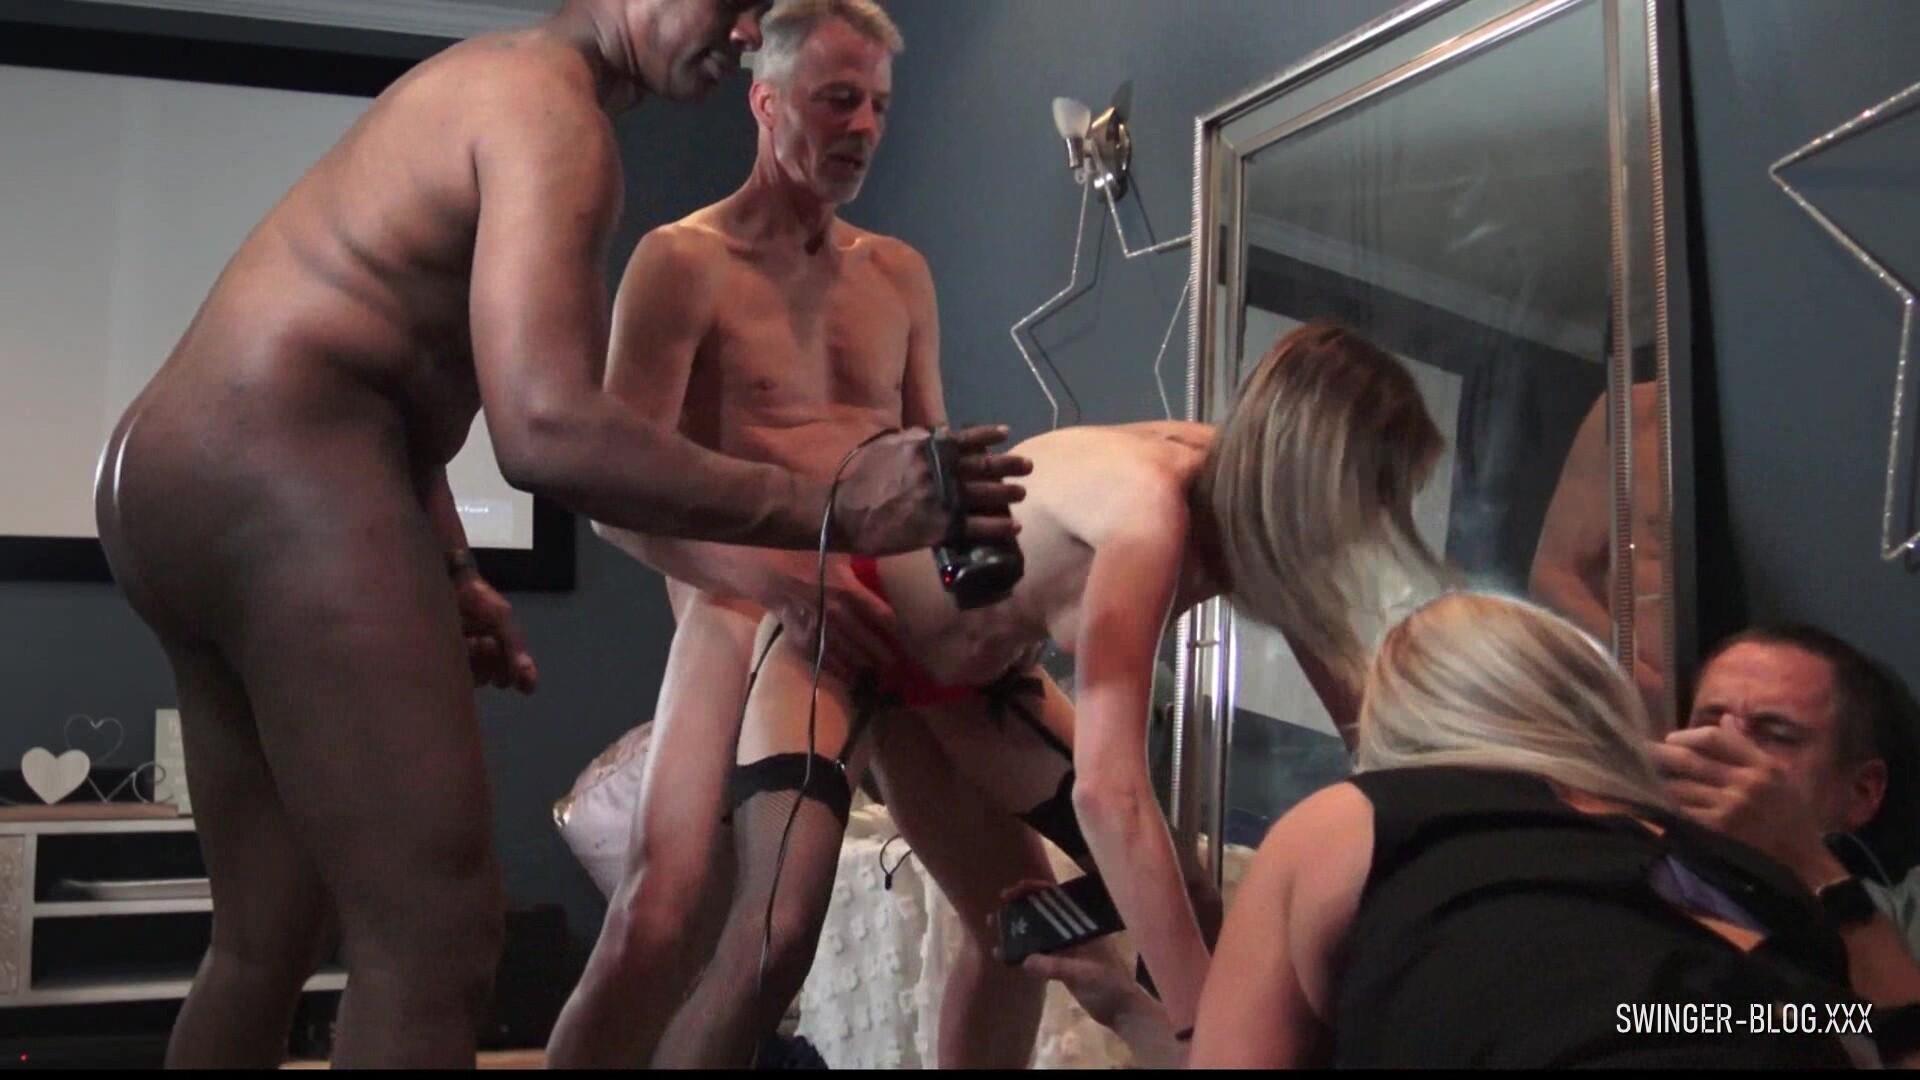 MILFs Enjoying Cocks In Homemade Swinger Group Sex Video